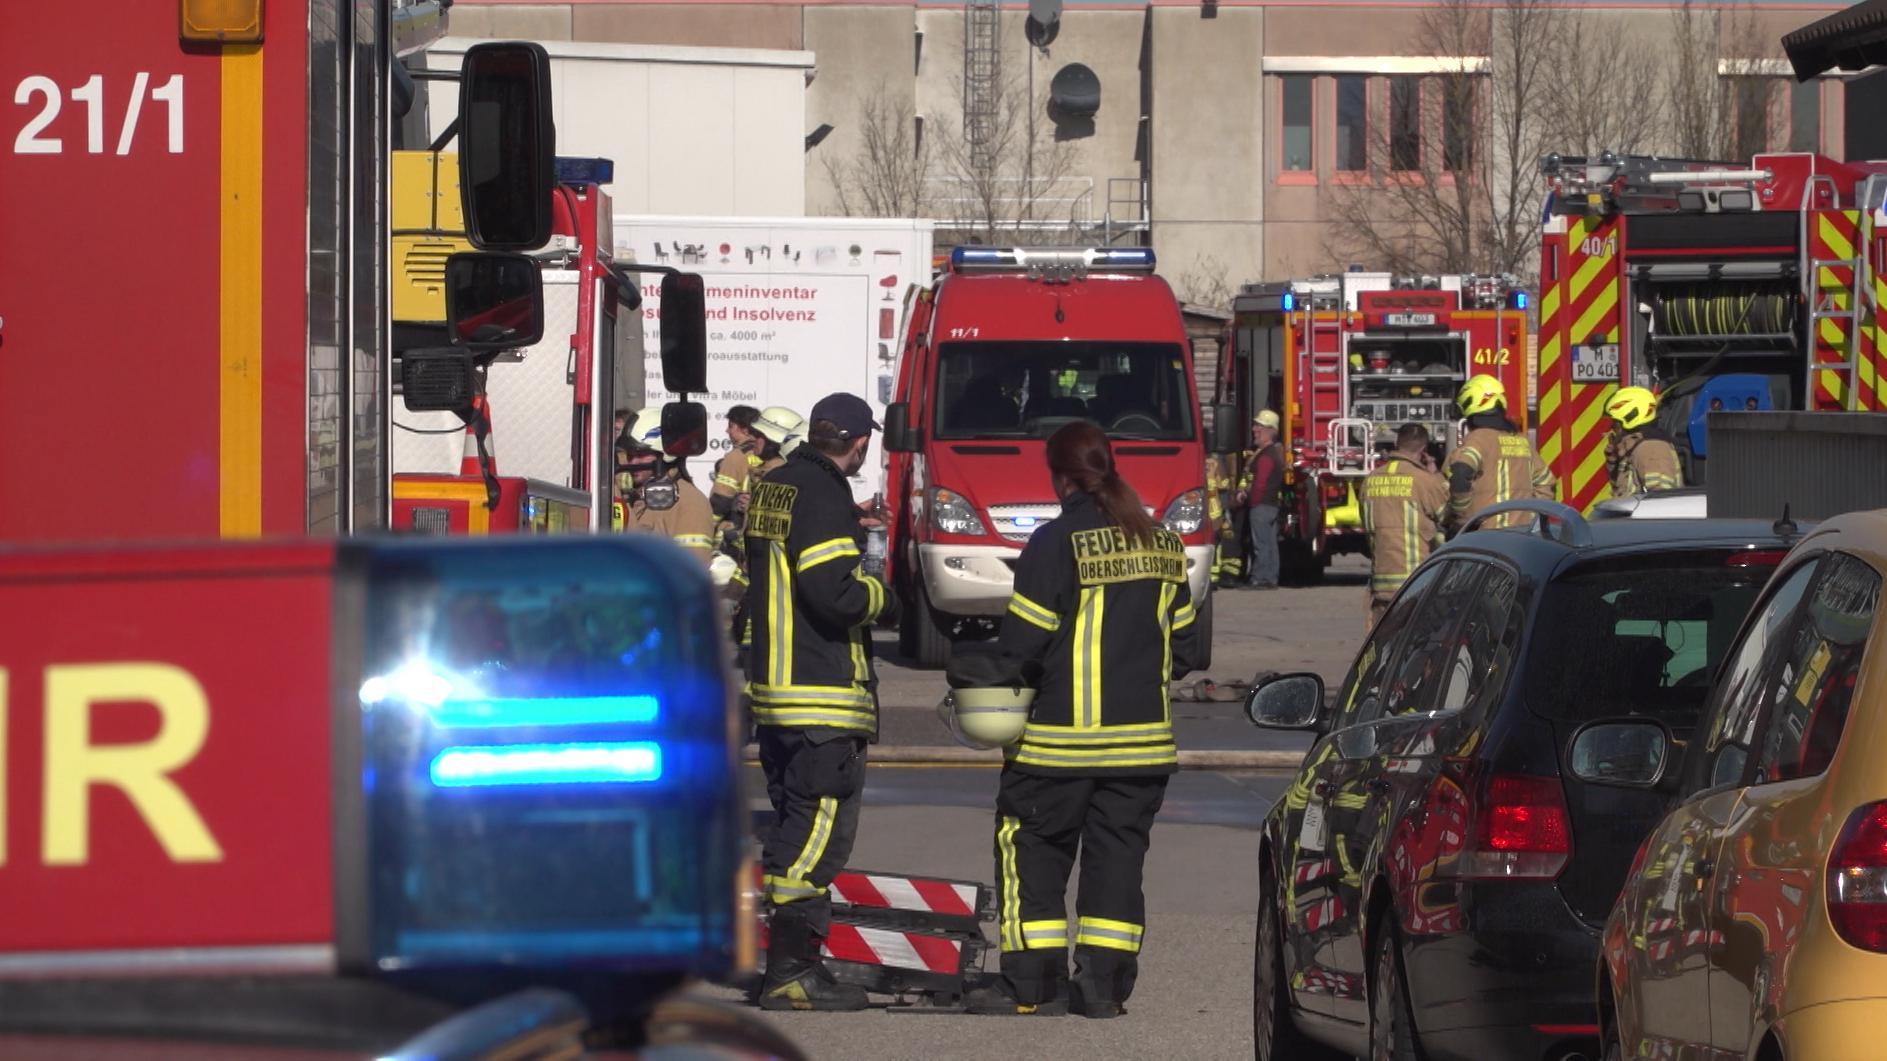 Entwarnung nach Fabrikbrand in Garching